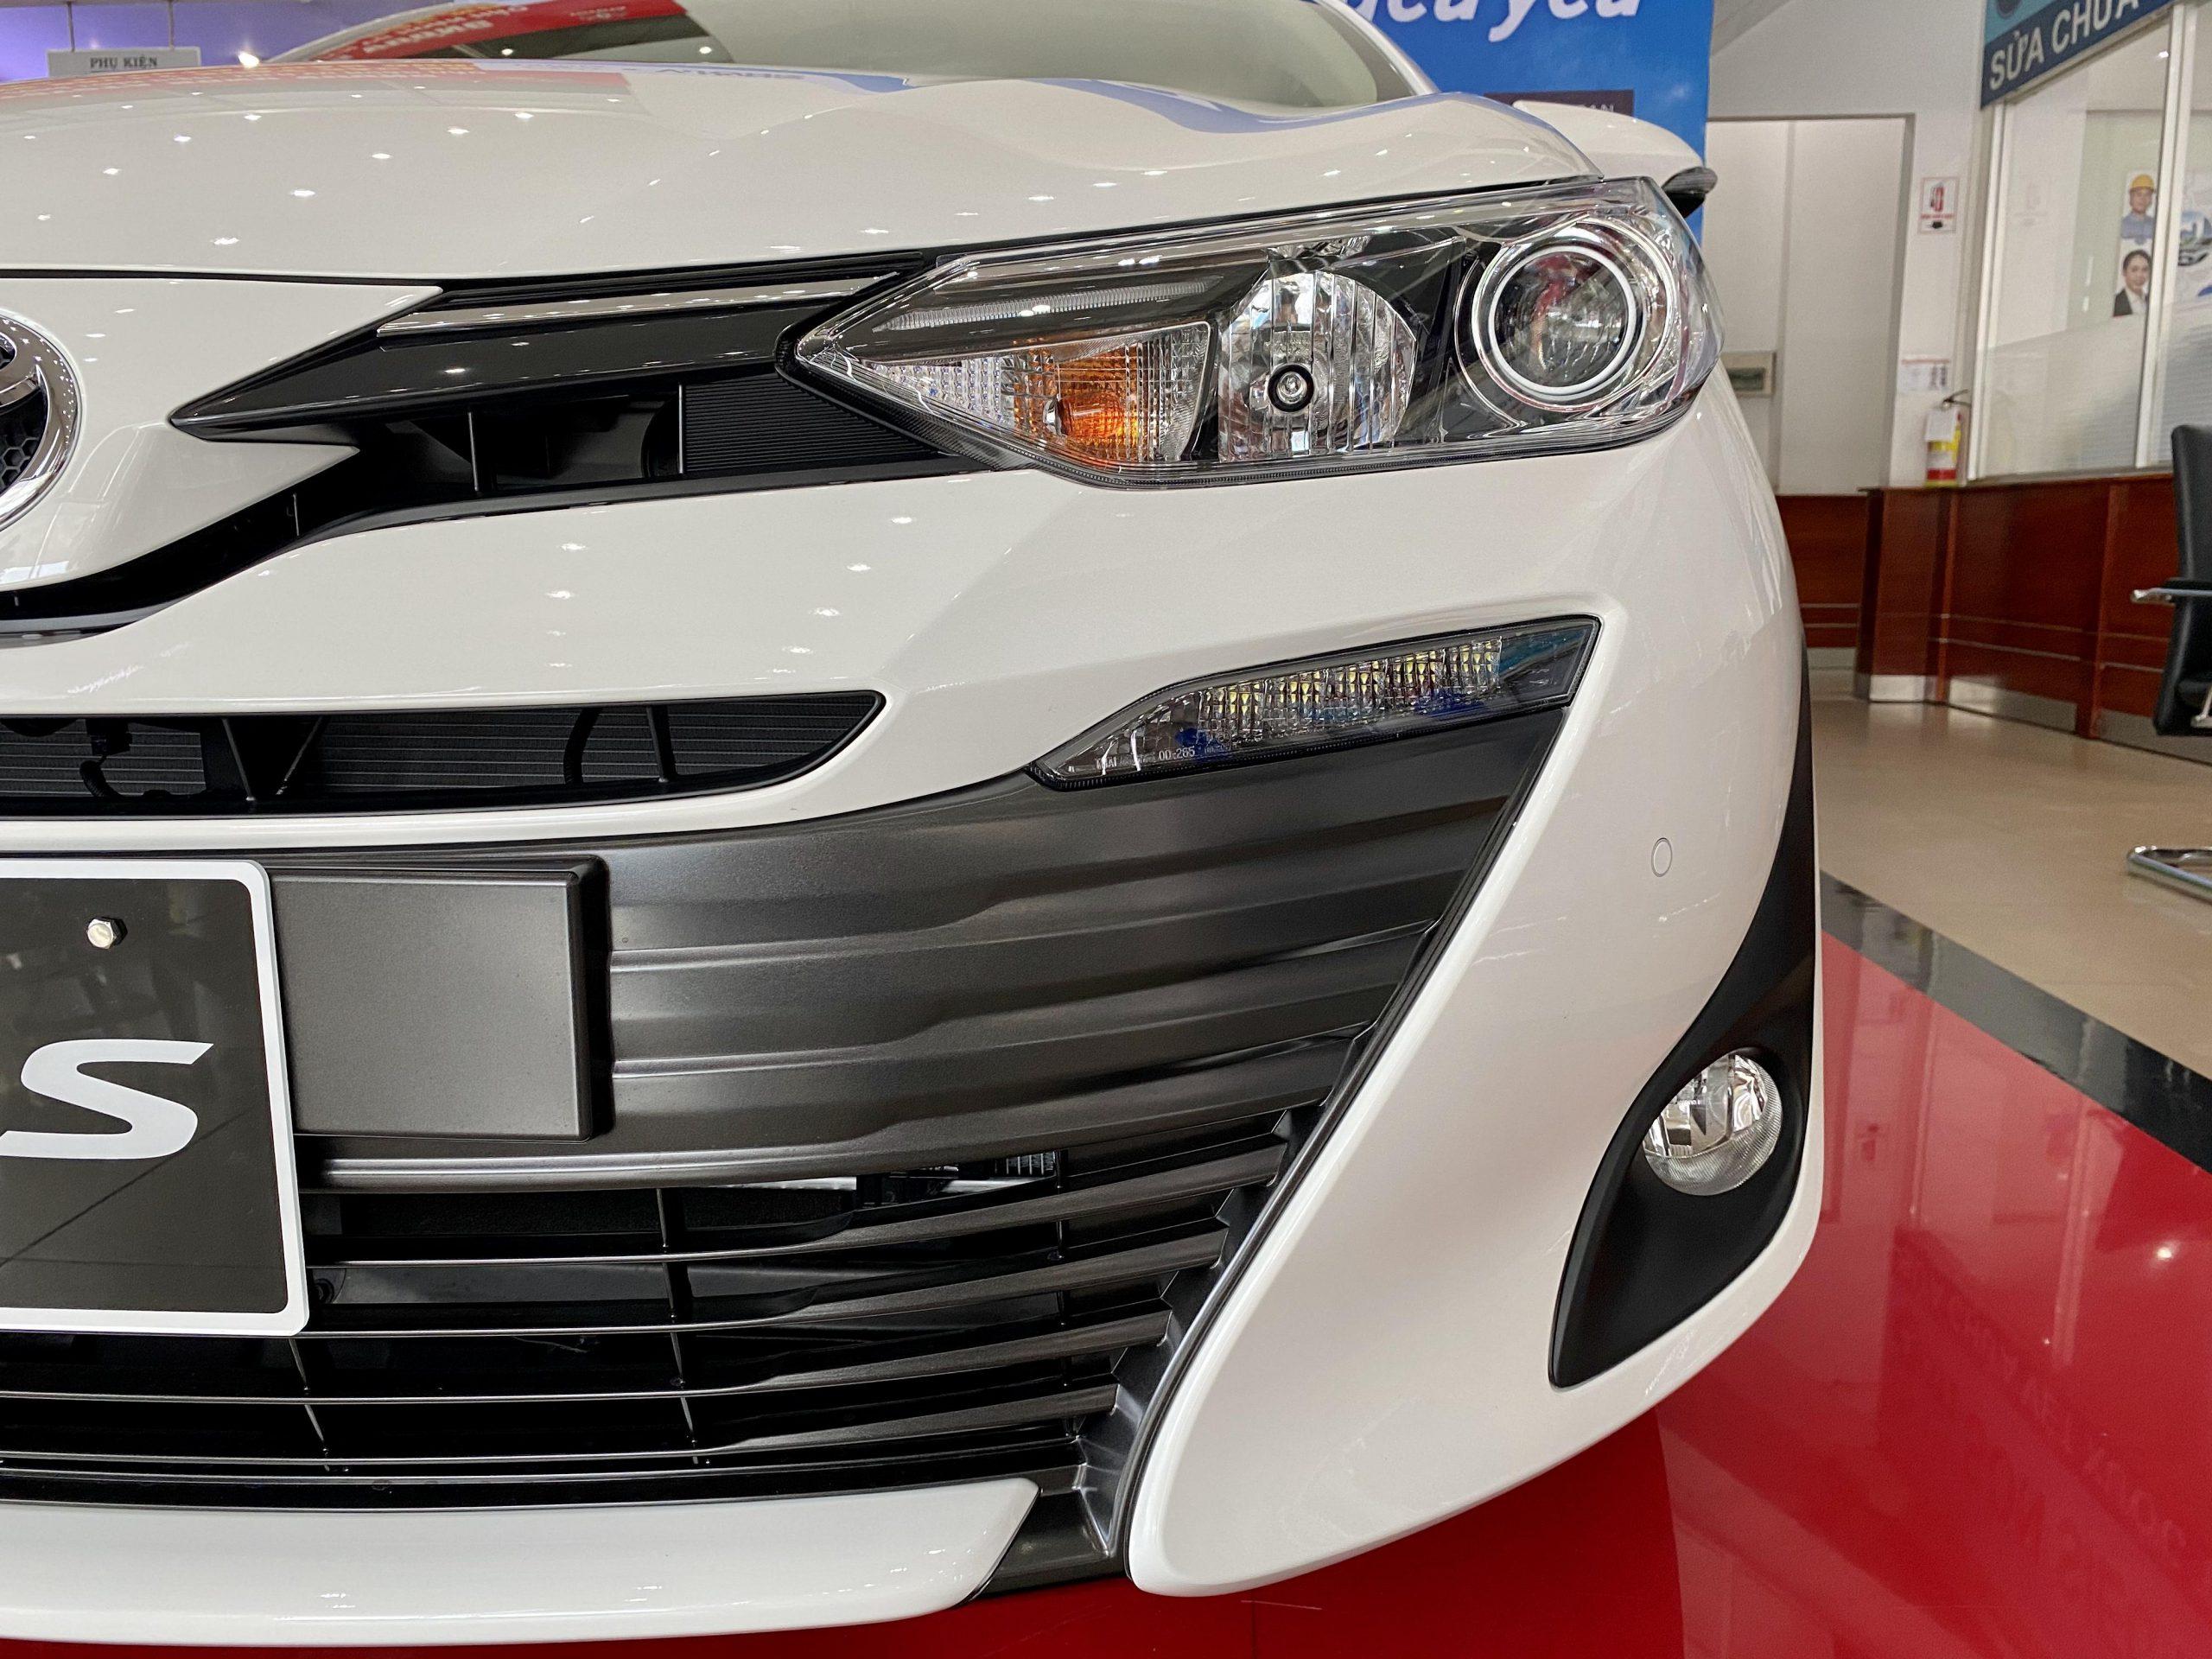 Vios 2020 G 12 scaled - Toyota Vios 2020: giá bán và khuyến mãi cập nhật mỗi 2 phút